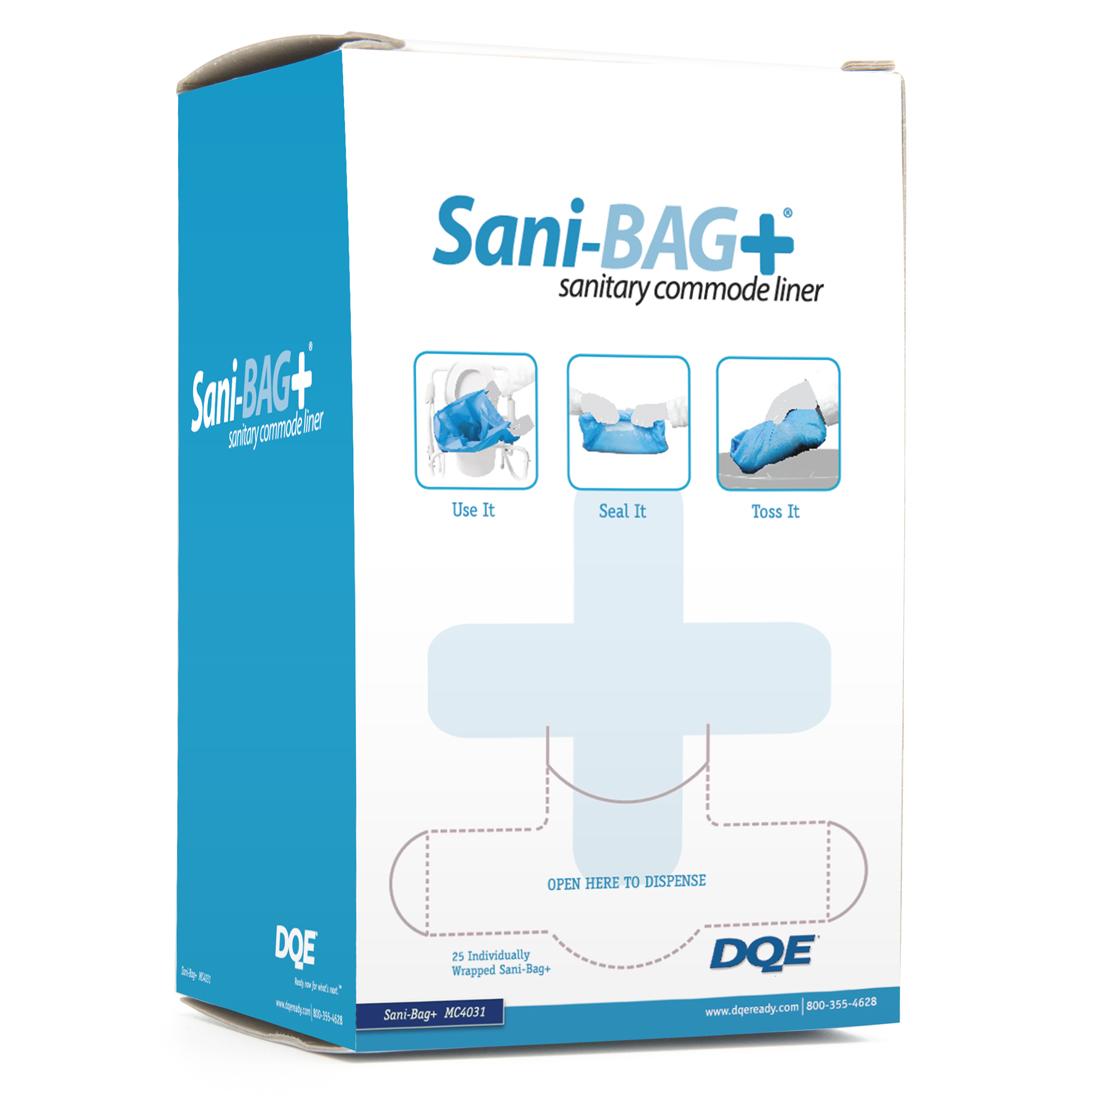 25 Sanibag bedpan liners per diespenser box image